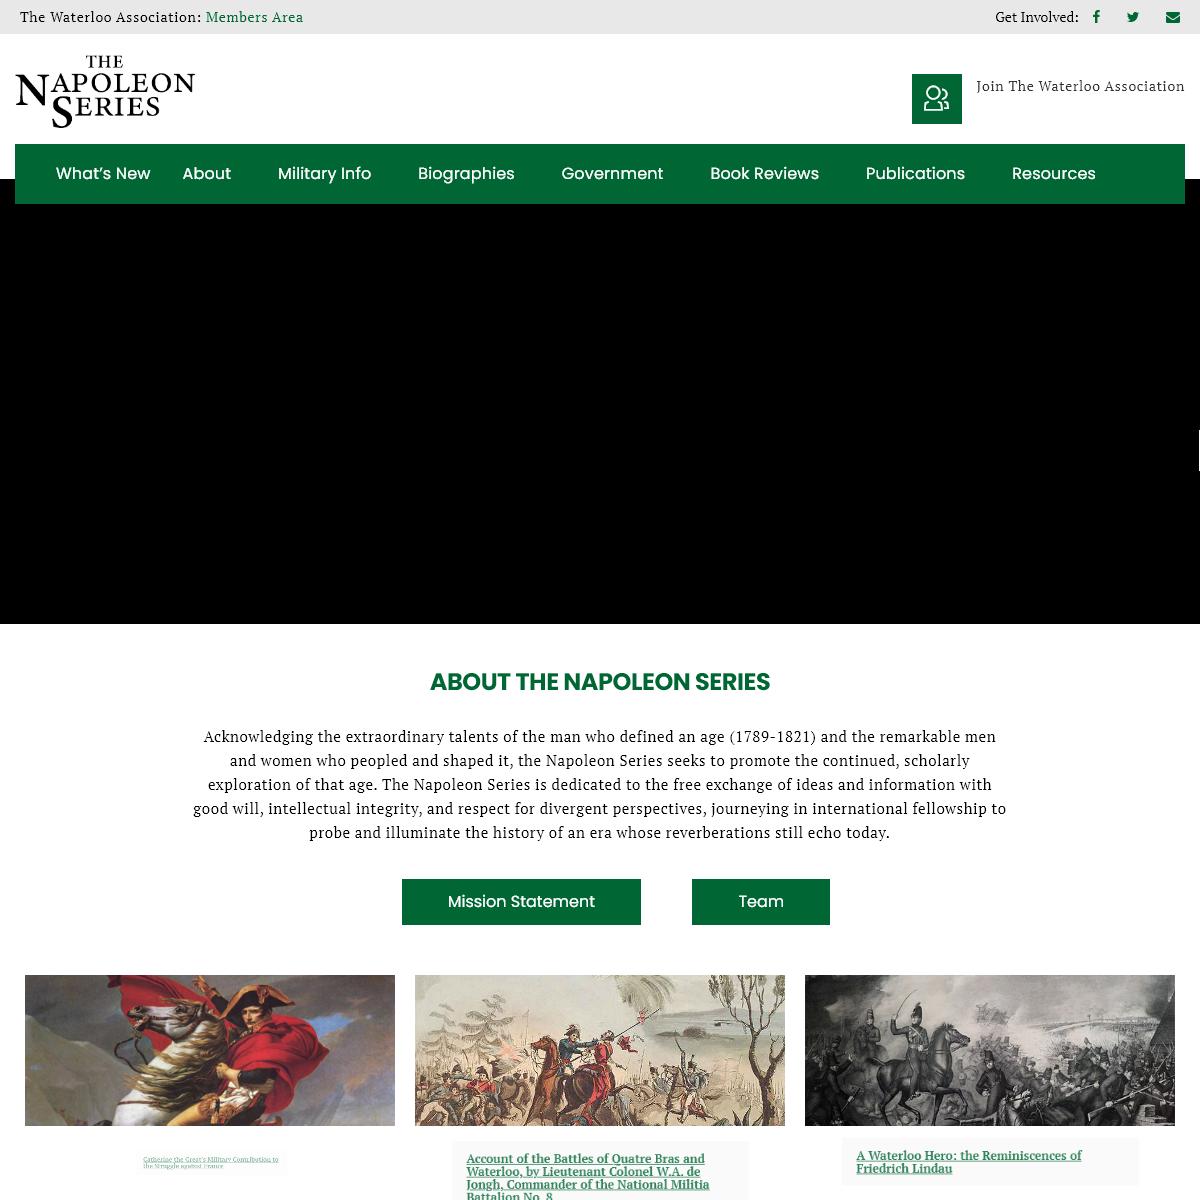 Home - The Napoleon Series